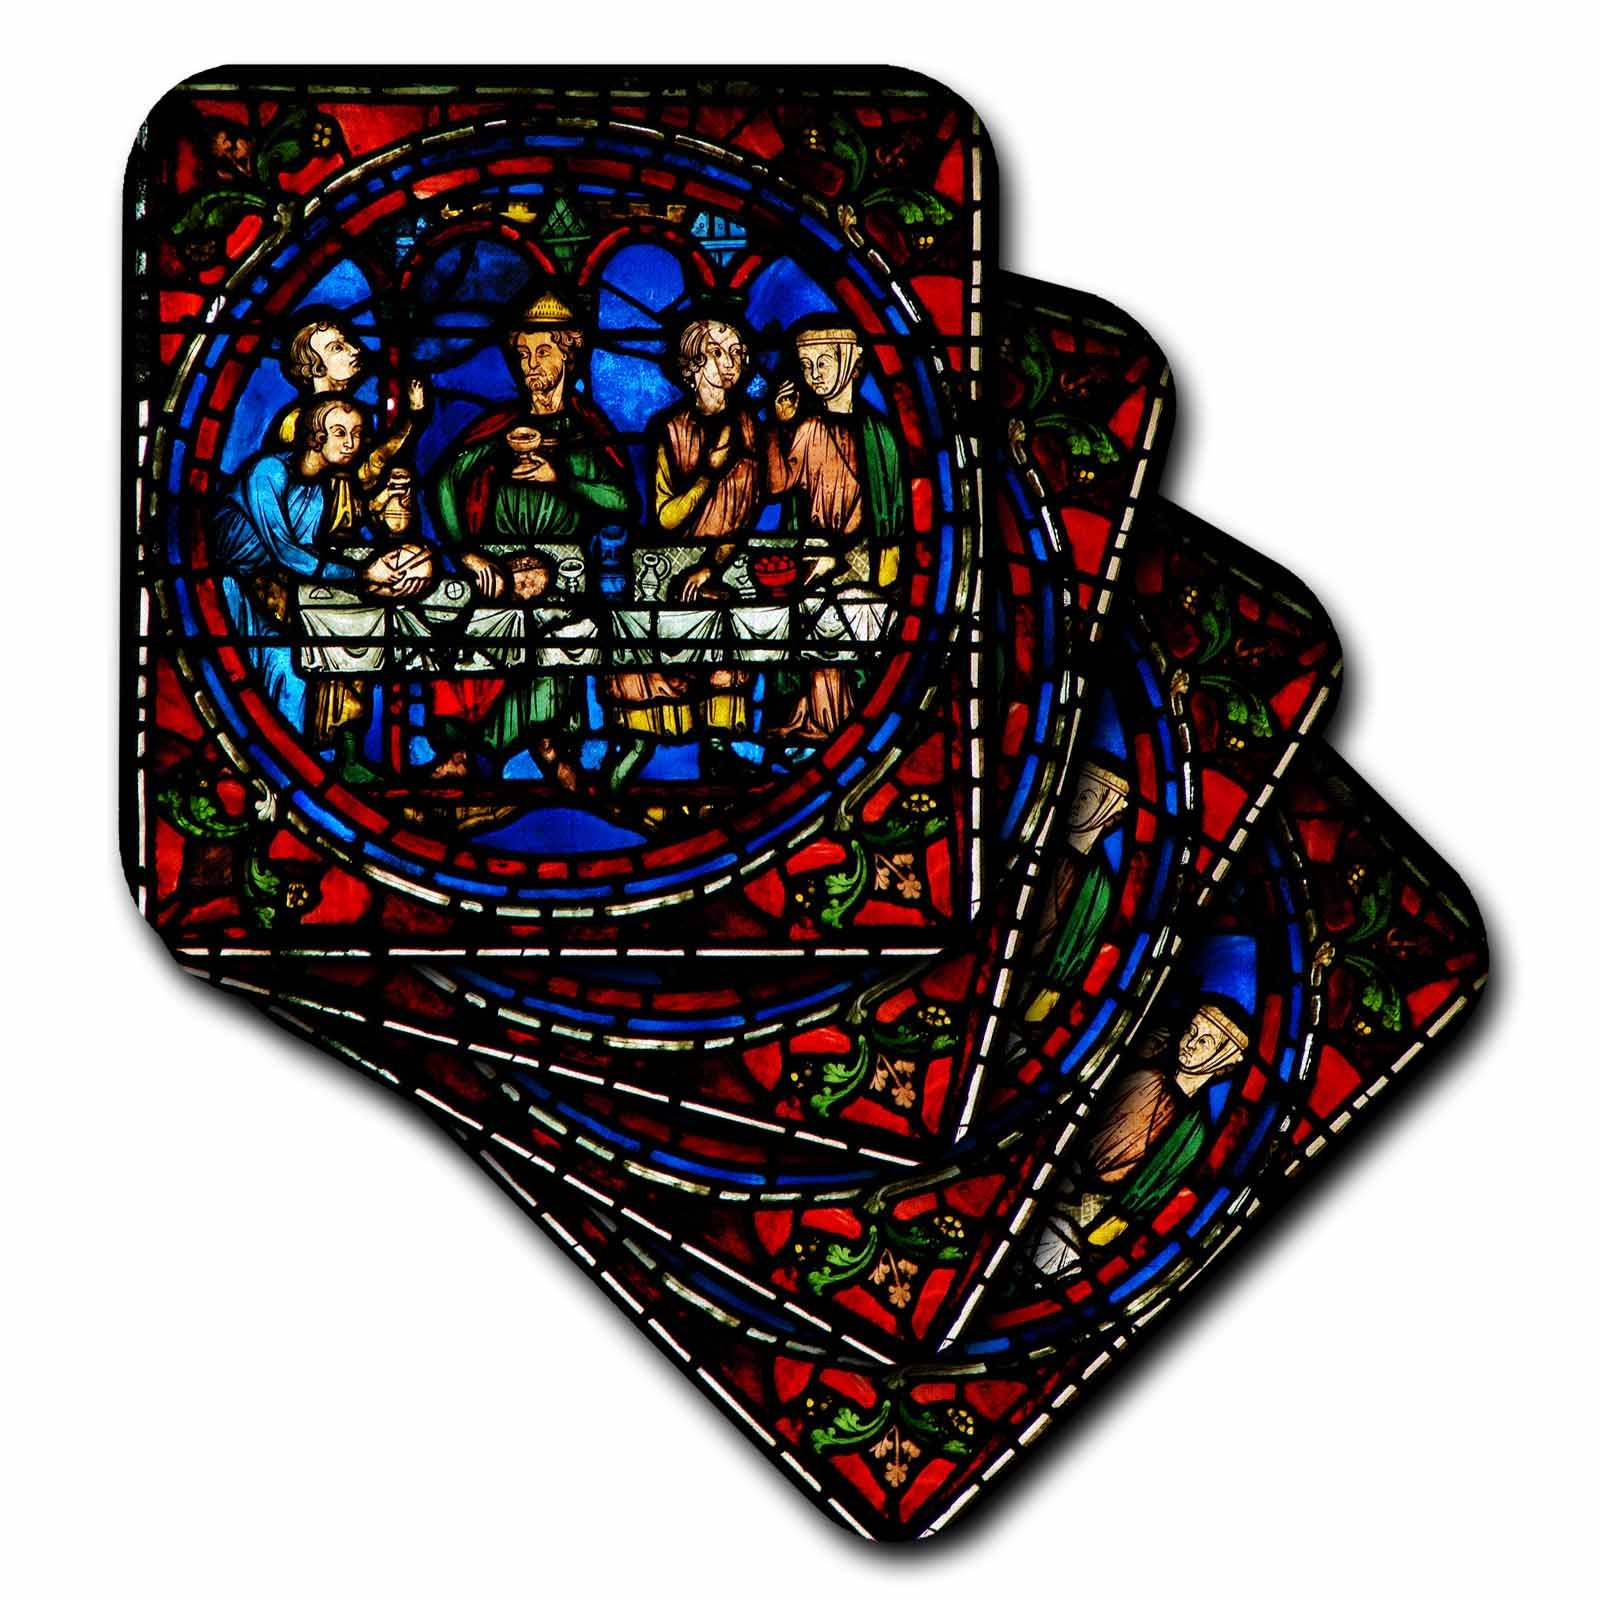 3dRose cst_239229_1 Notre Dame De La Belle Verriere Stained Glass Window in Paris (Set of 4) Soft Coasters